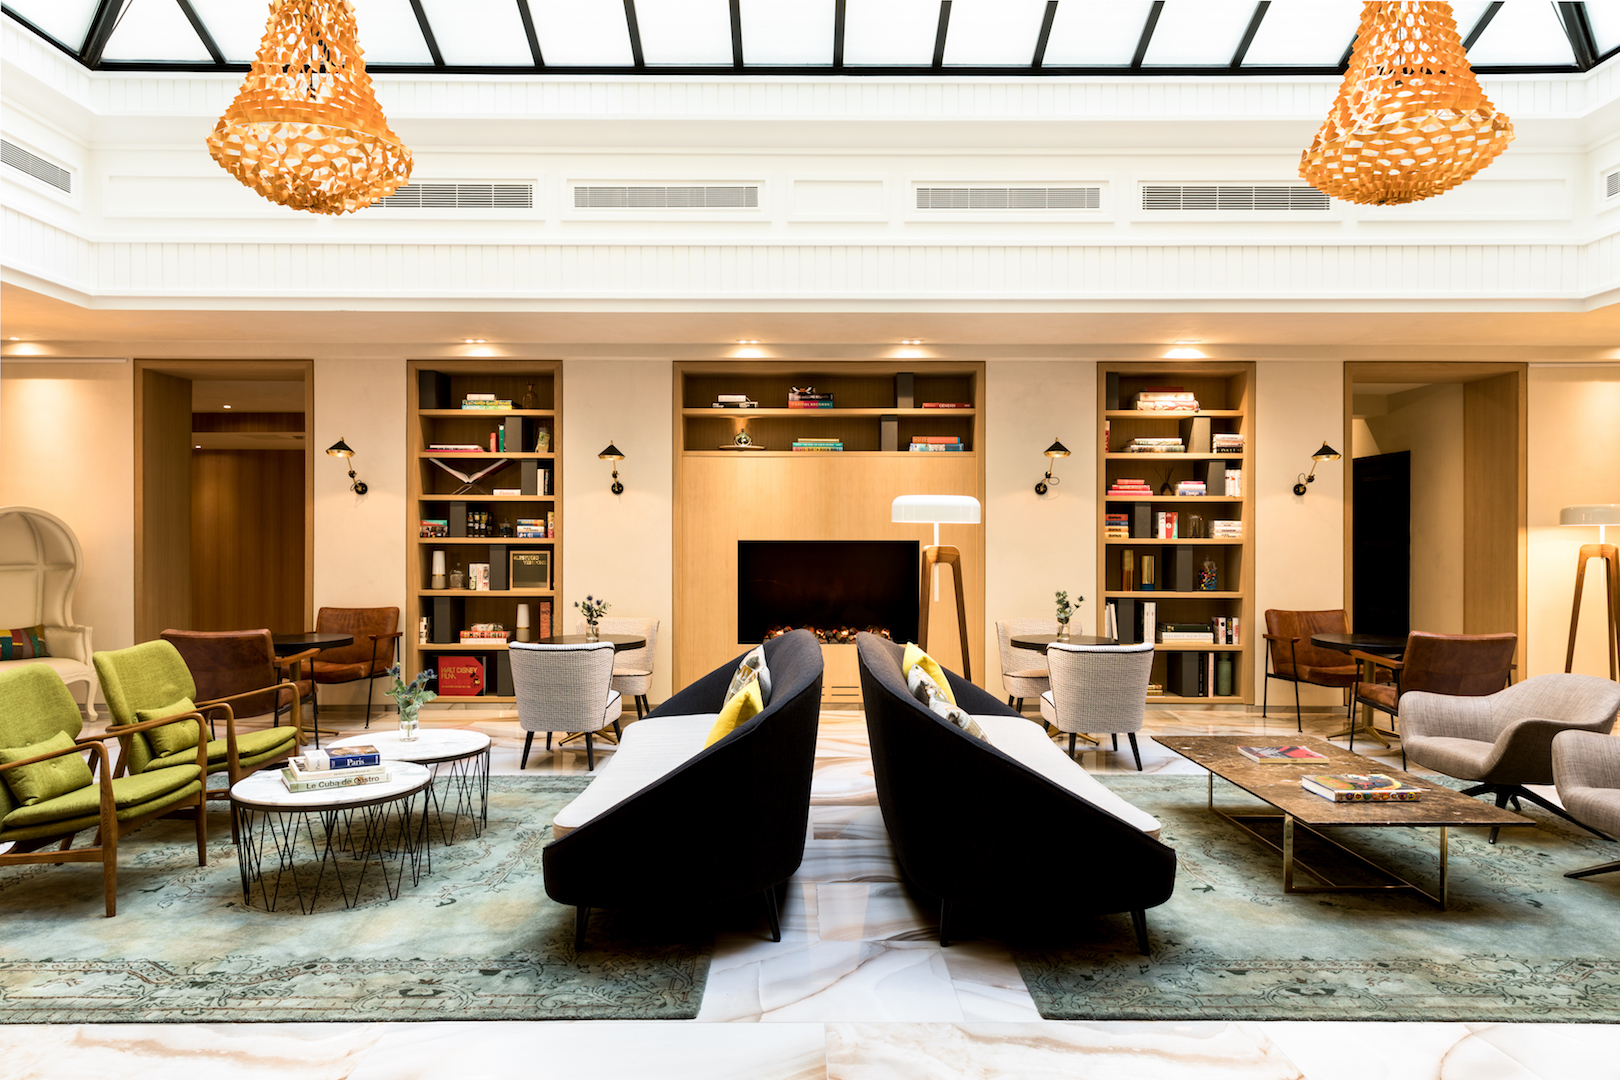 L 39 h tel renaissance paris vend me prend un tournant design for Hotel design paris 11